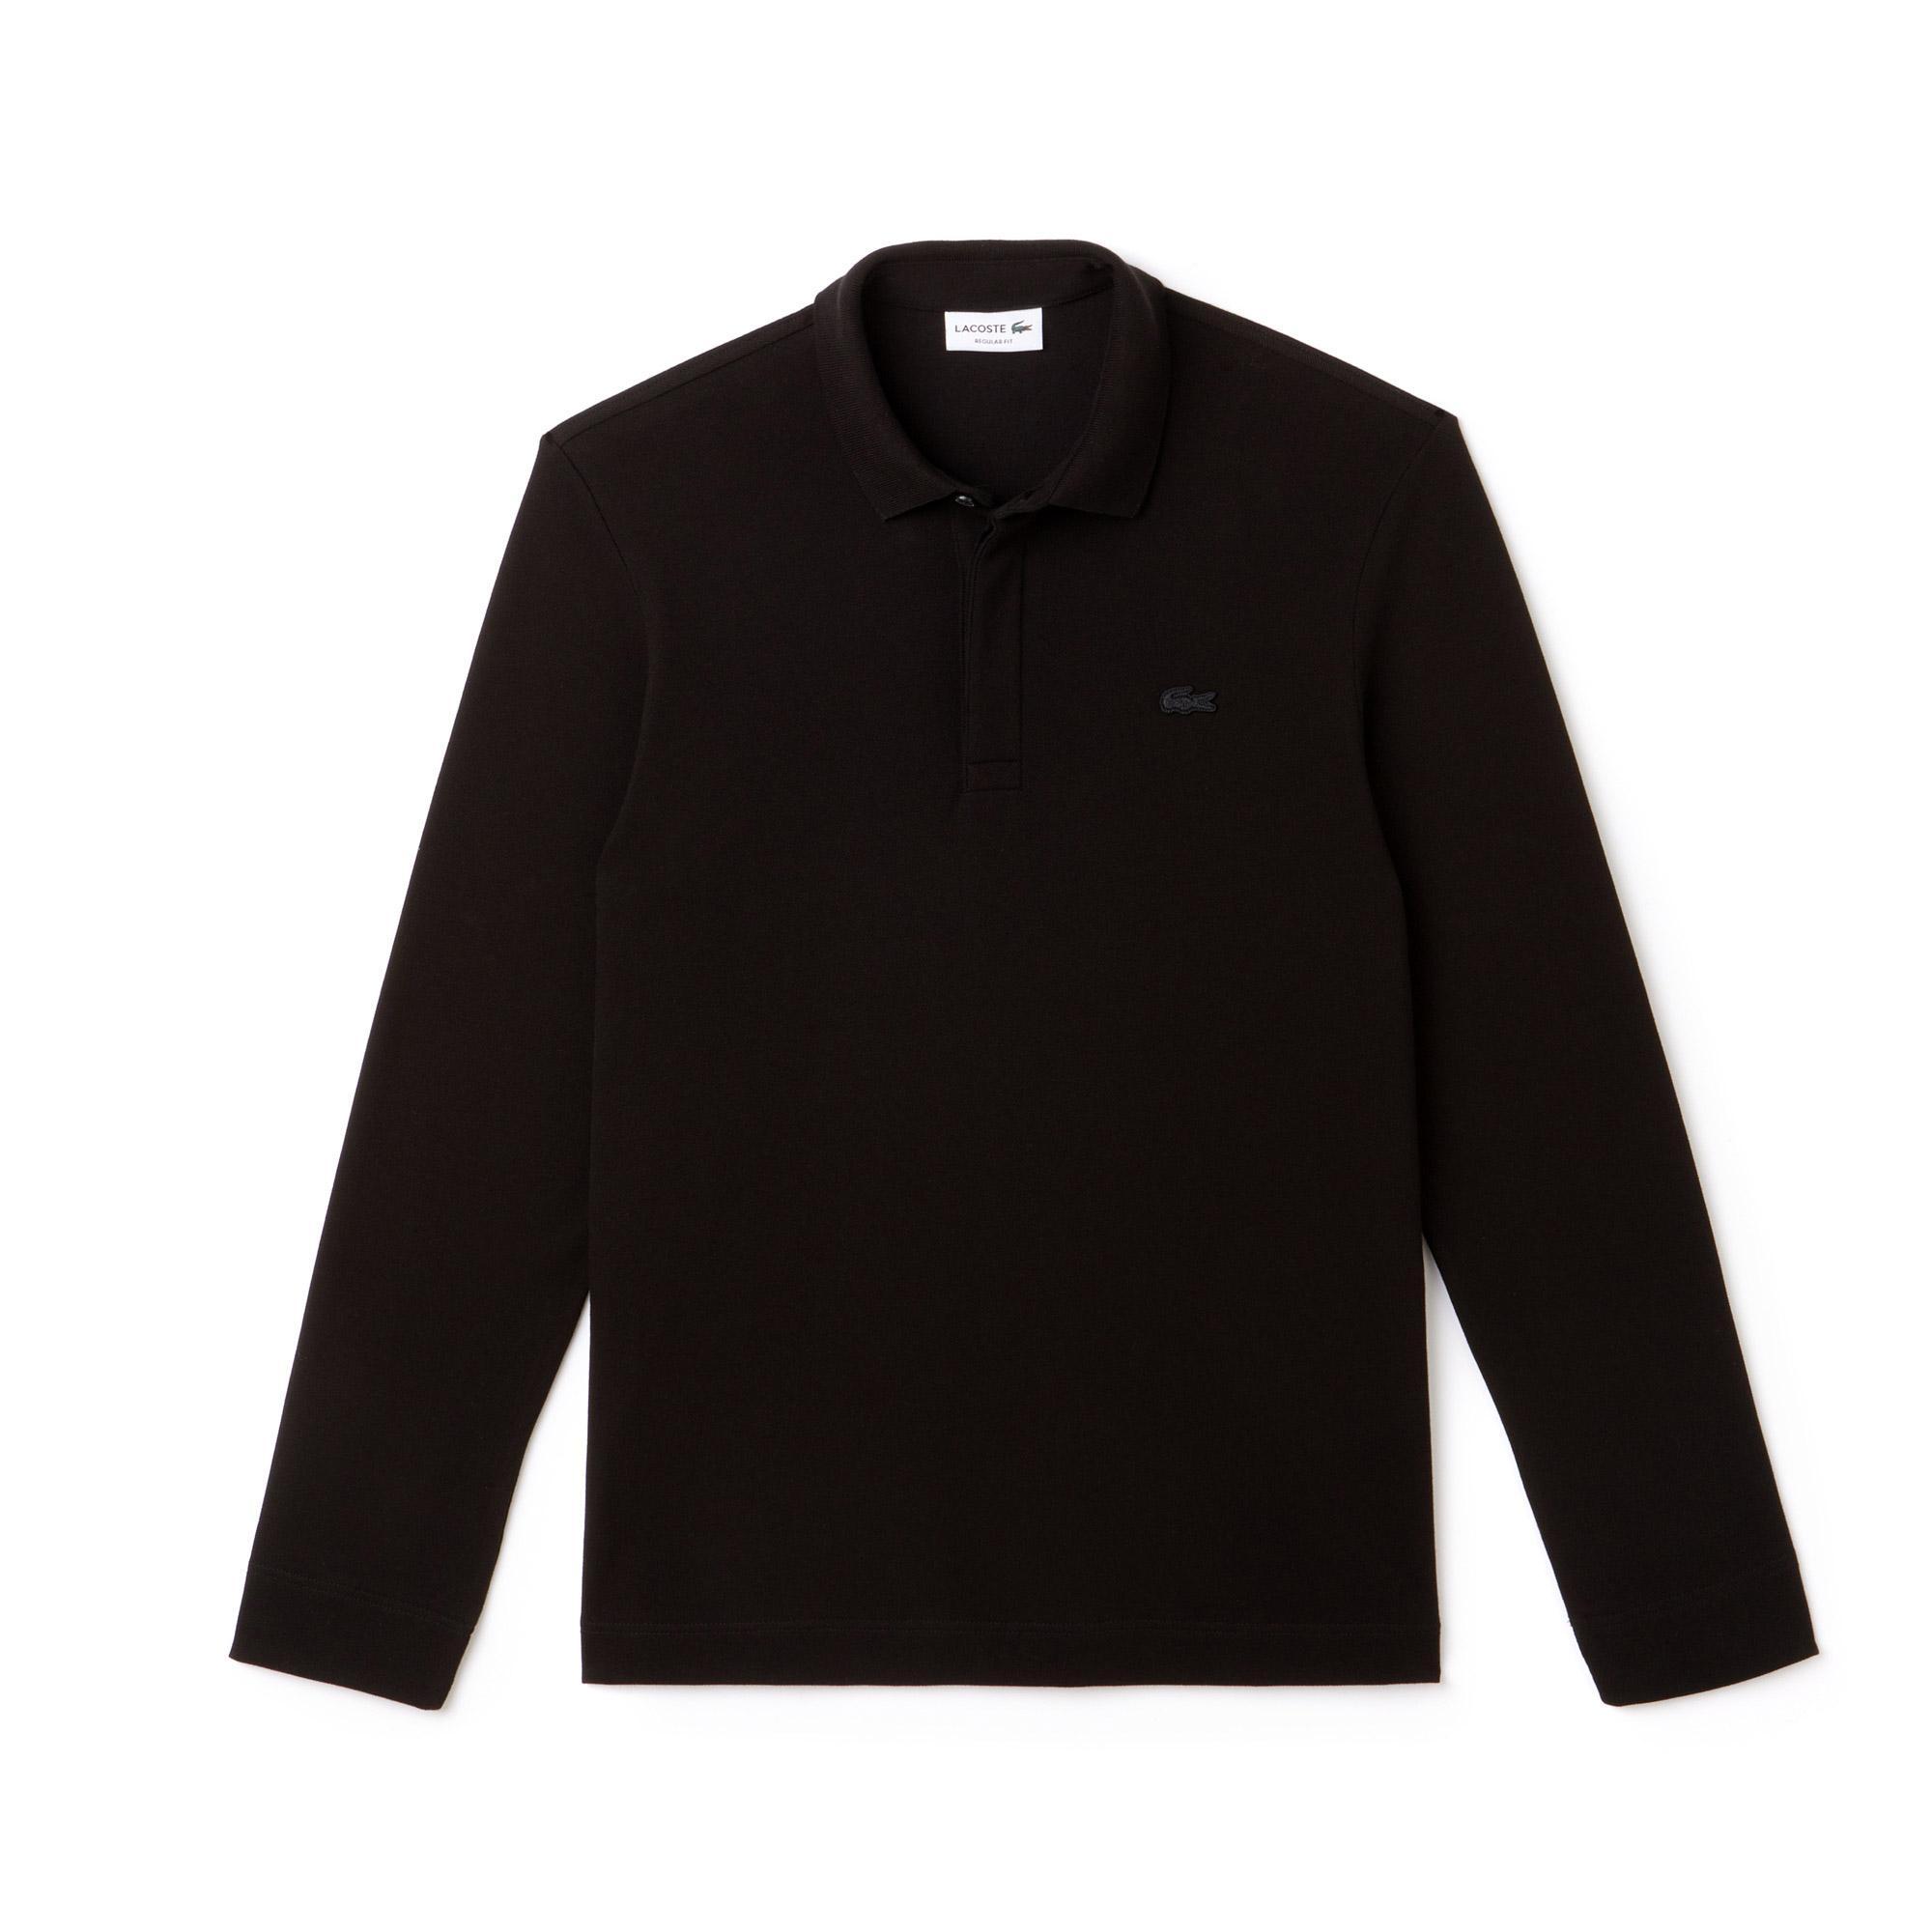 Lacoste Men's Lacoste Long Sleeve Polo